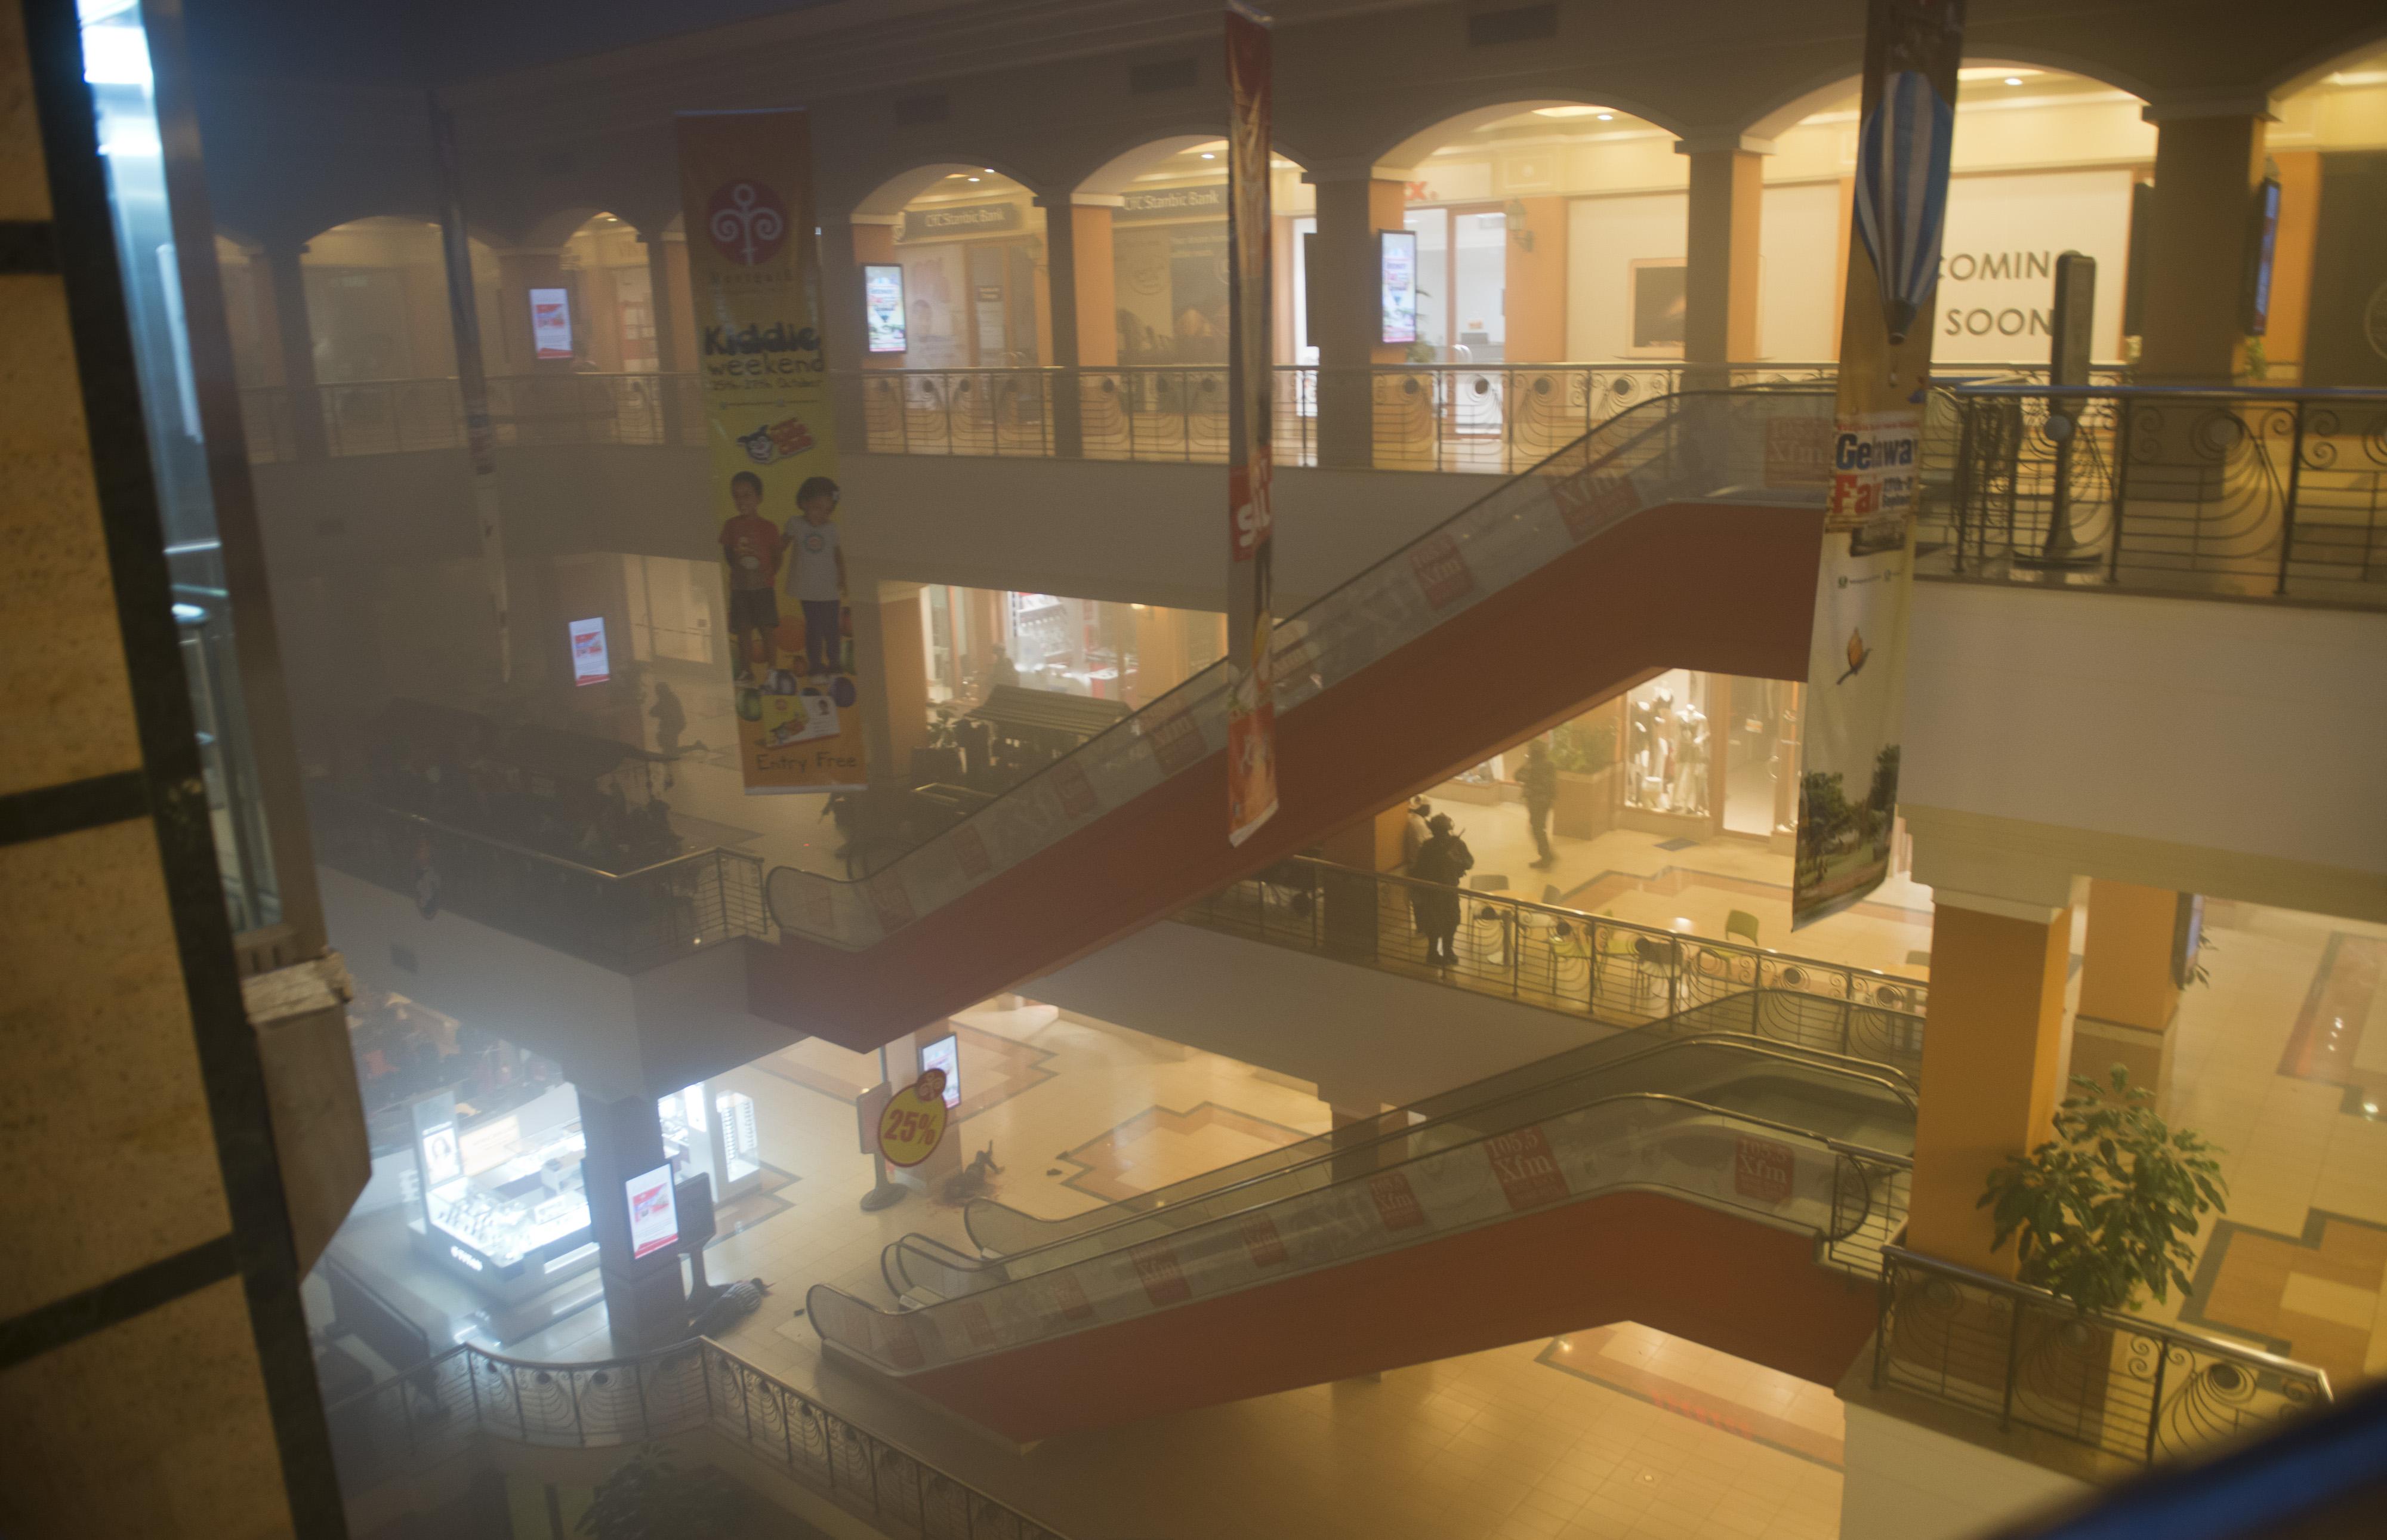 Nairobi, strage nel Westgate mall, 62 vittime. Ministro interno: 'jihadisti sono in trappola'